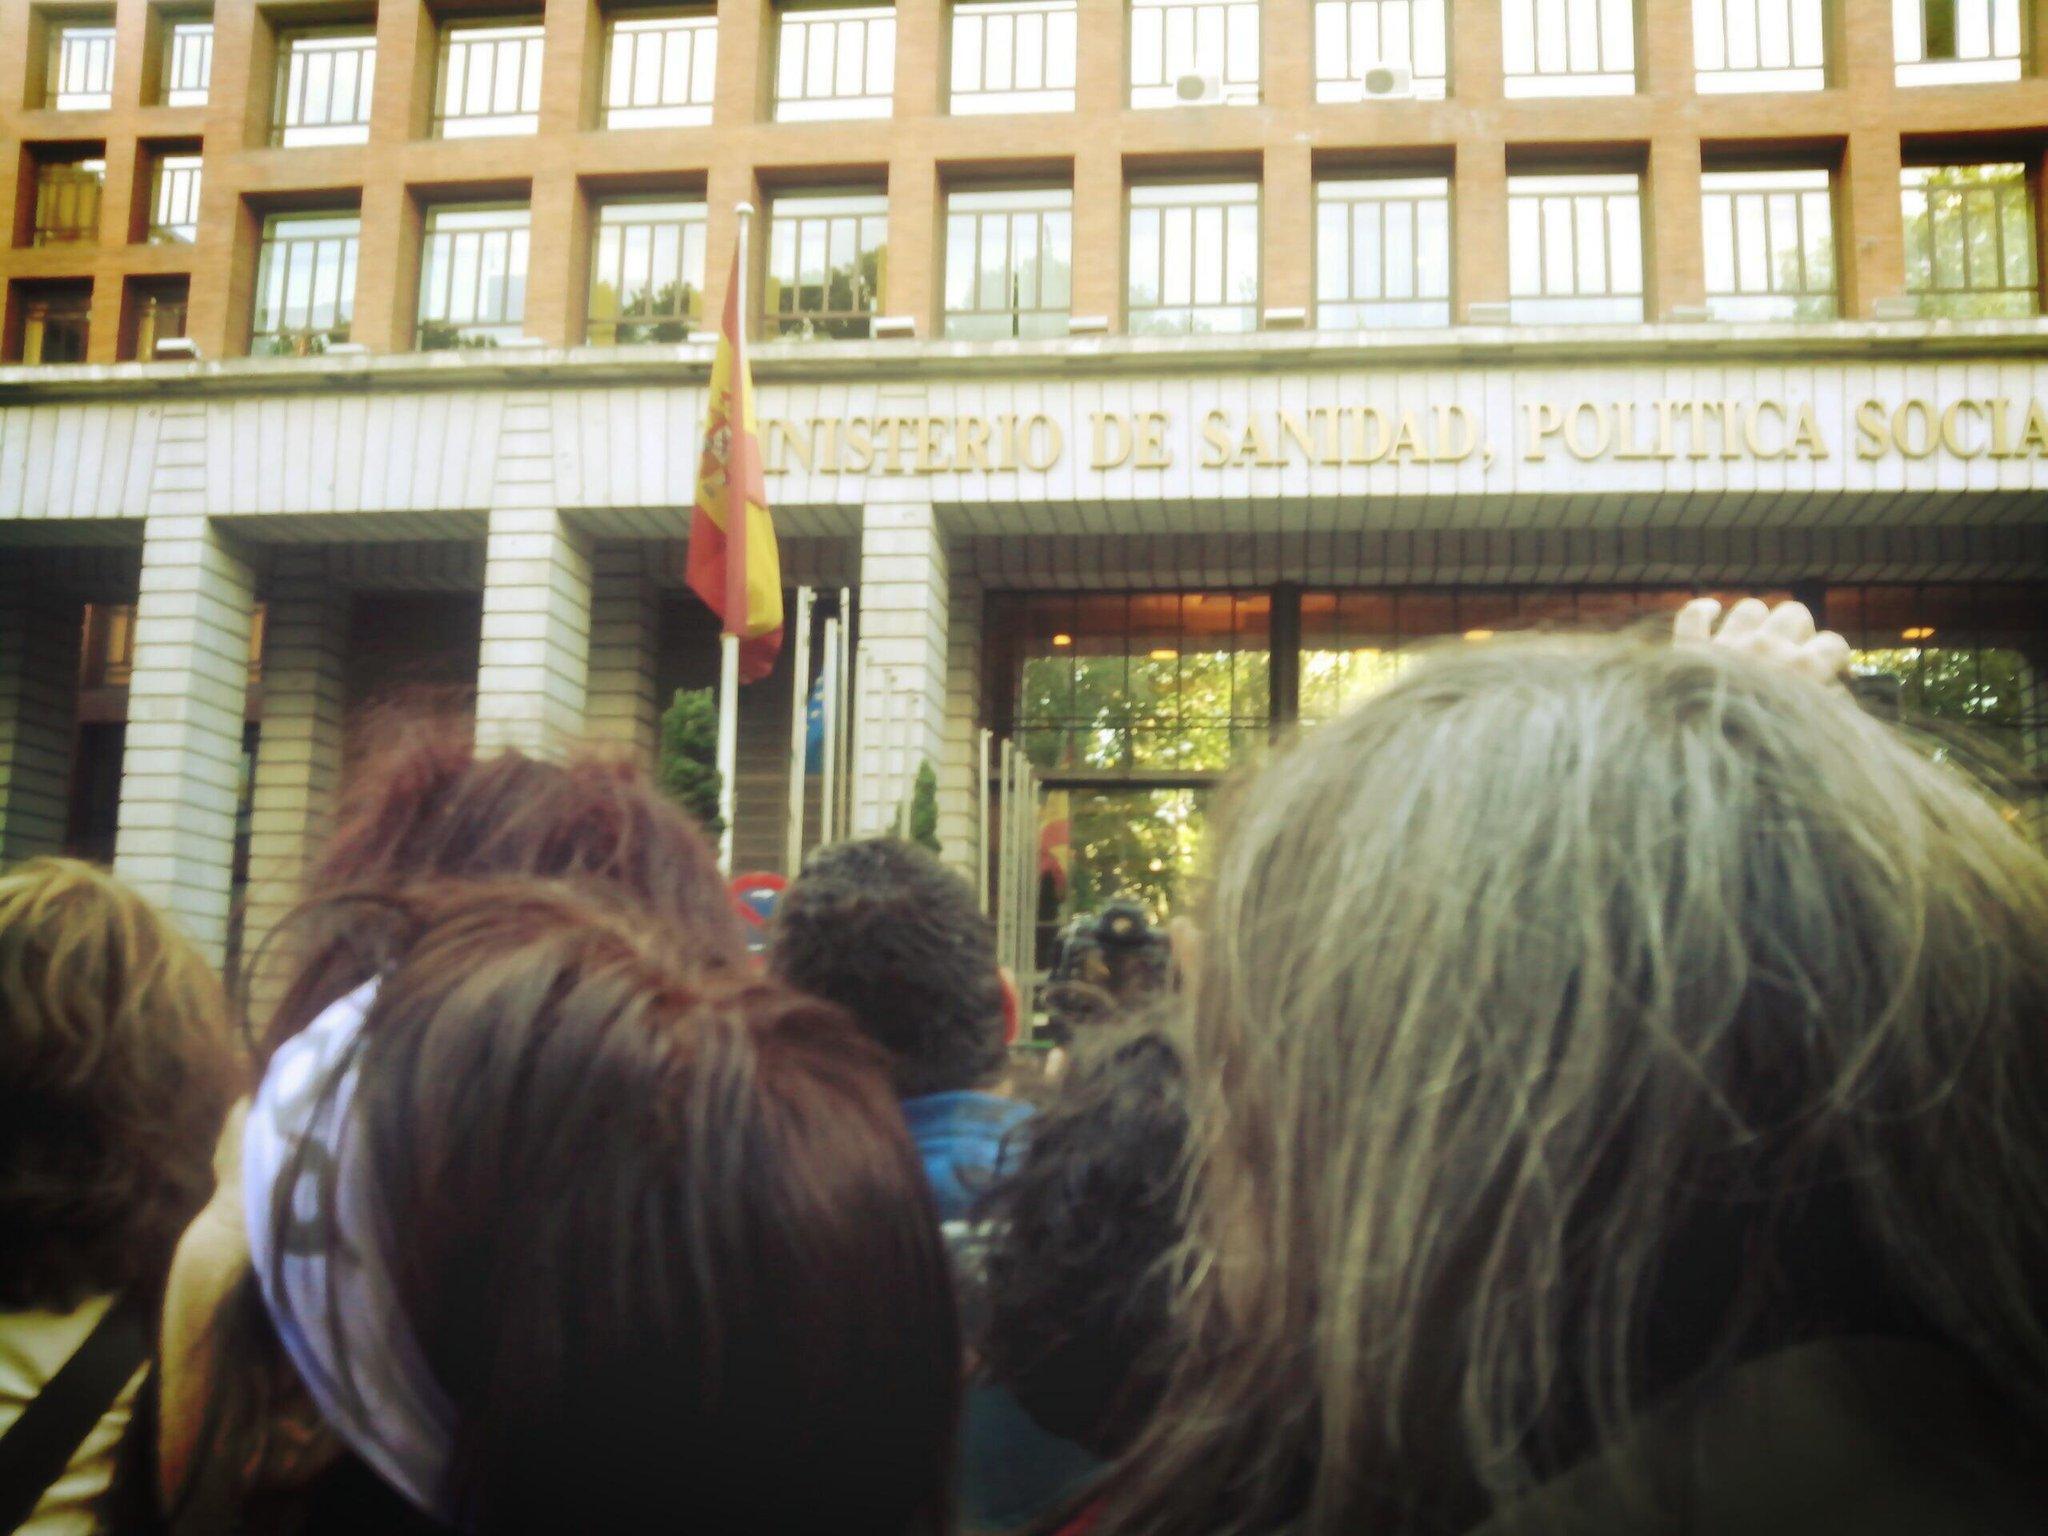 #derechoaborto28m cortando la calle 'Gallardón dimisión' comienzan los empujones http://t.co/5qJDTIpK9n